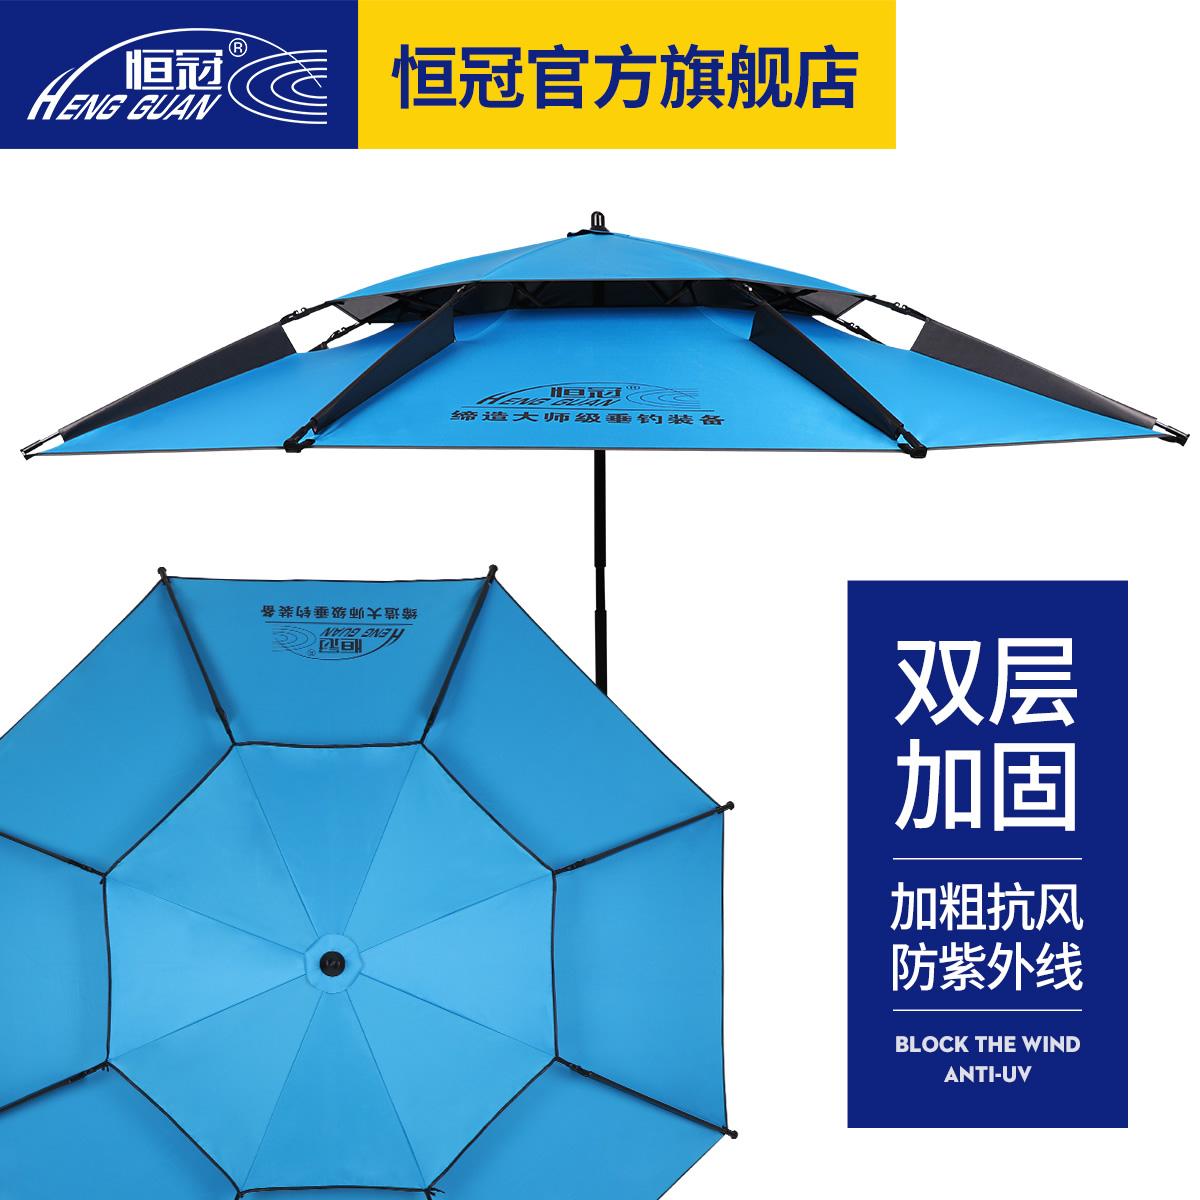 恒冠钓鱼伞2.2米万向防雨户外钓伞HGDS-001